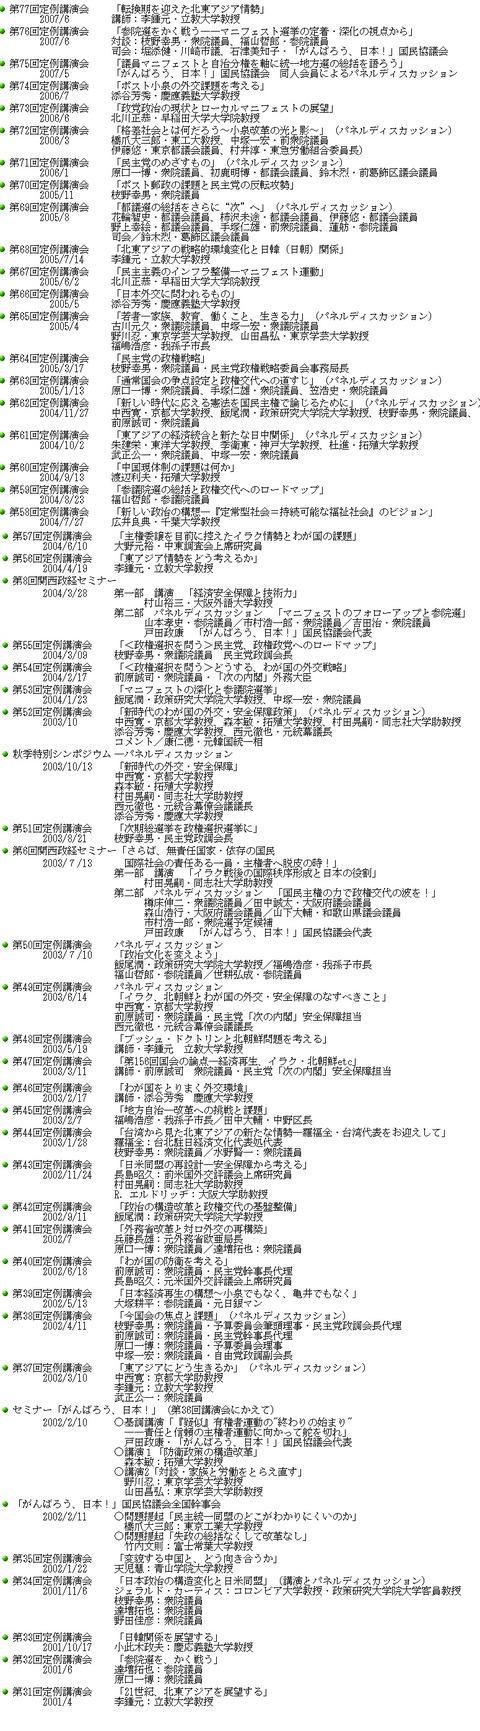 主な活動-過去の記録 - がんばろう!日本!! 国民協議会